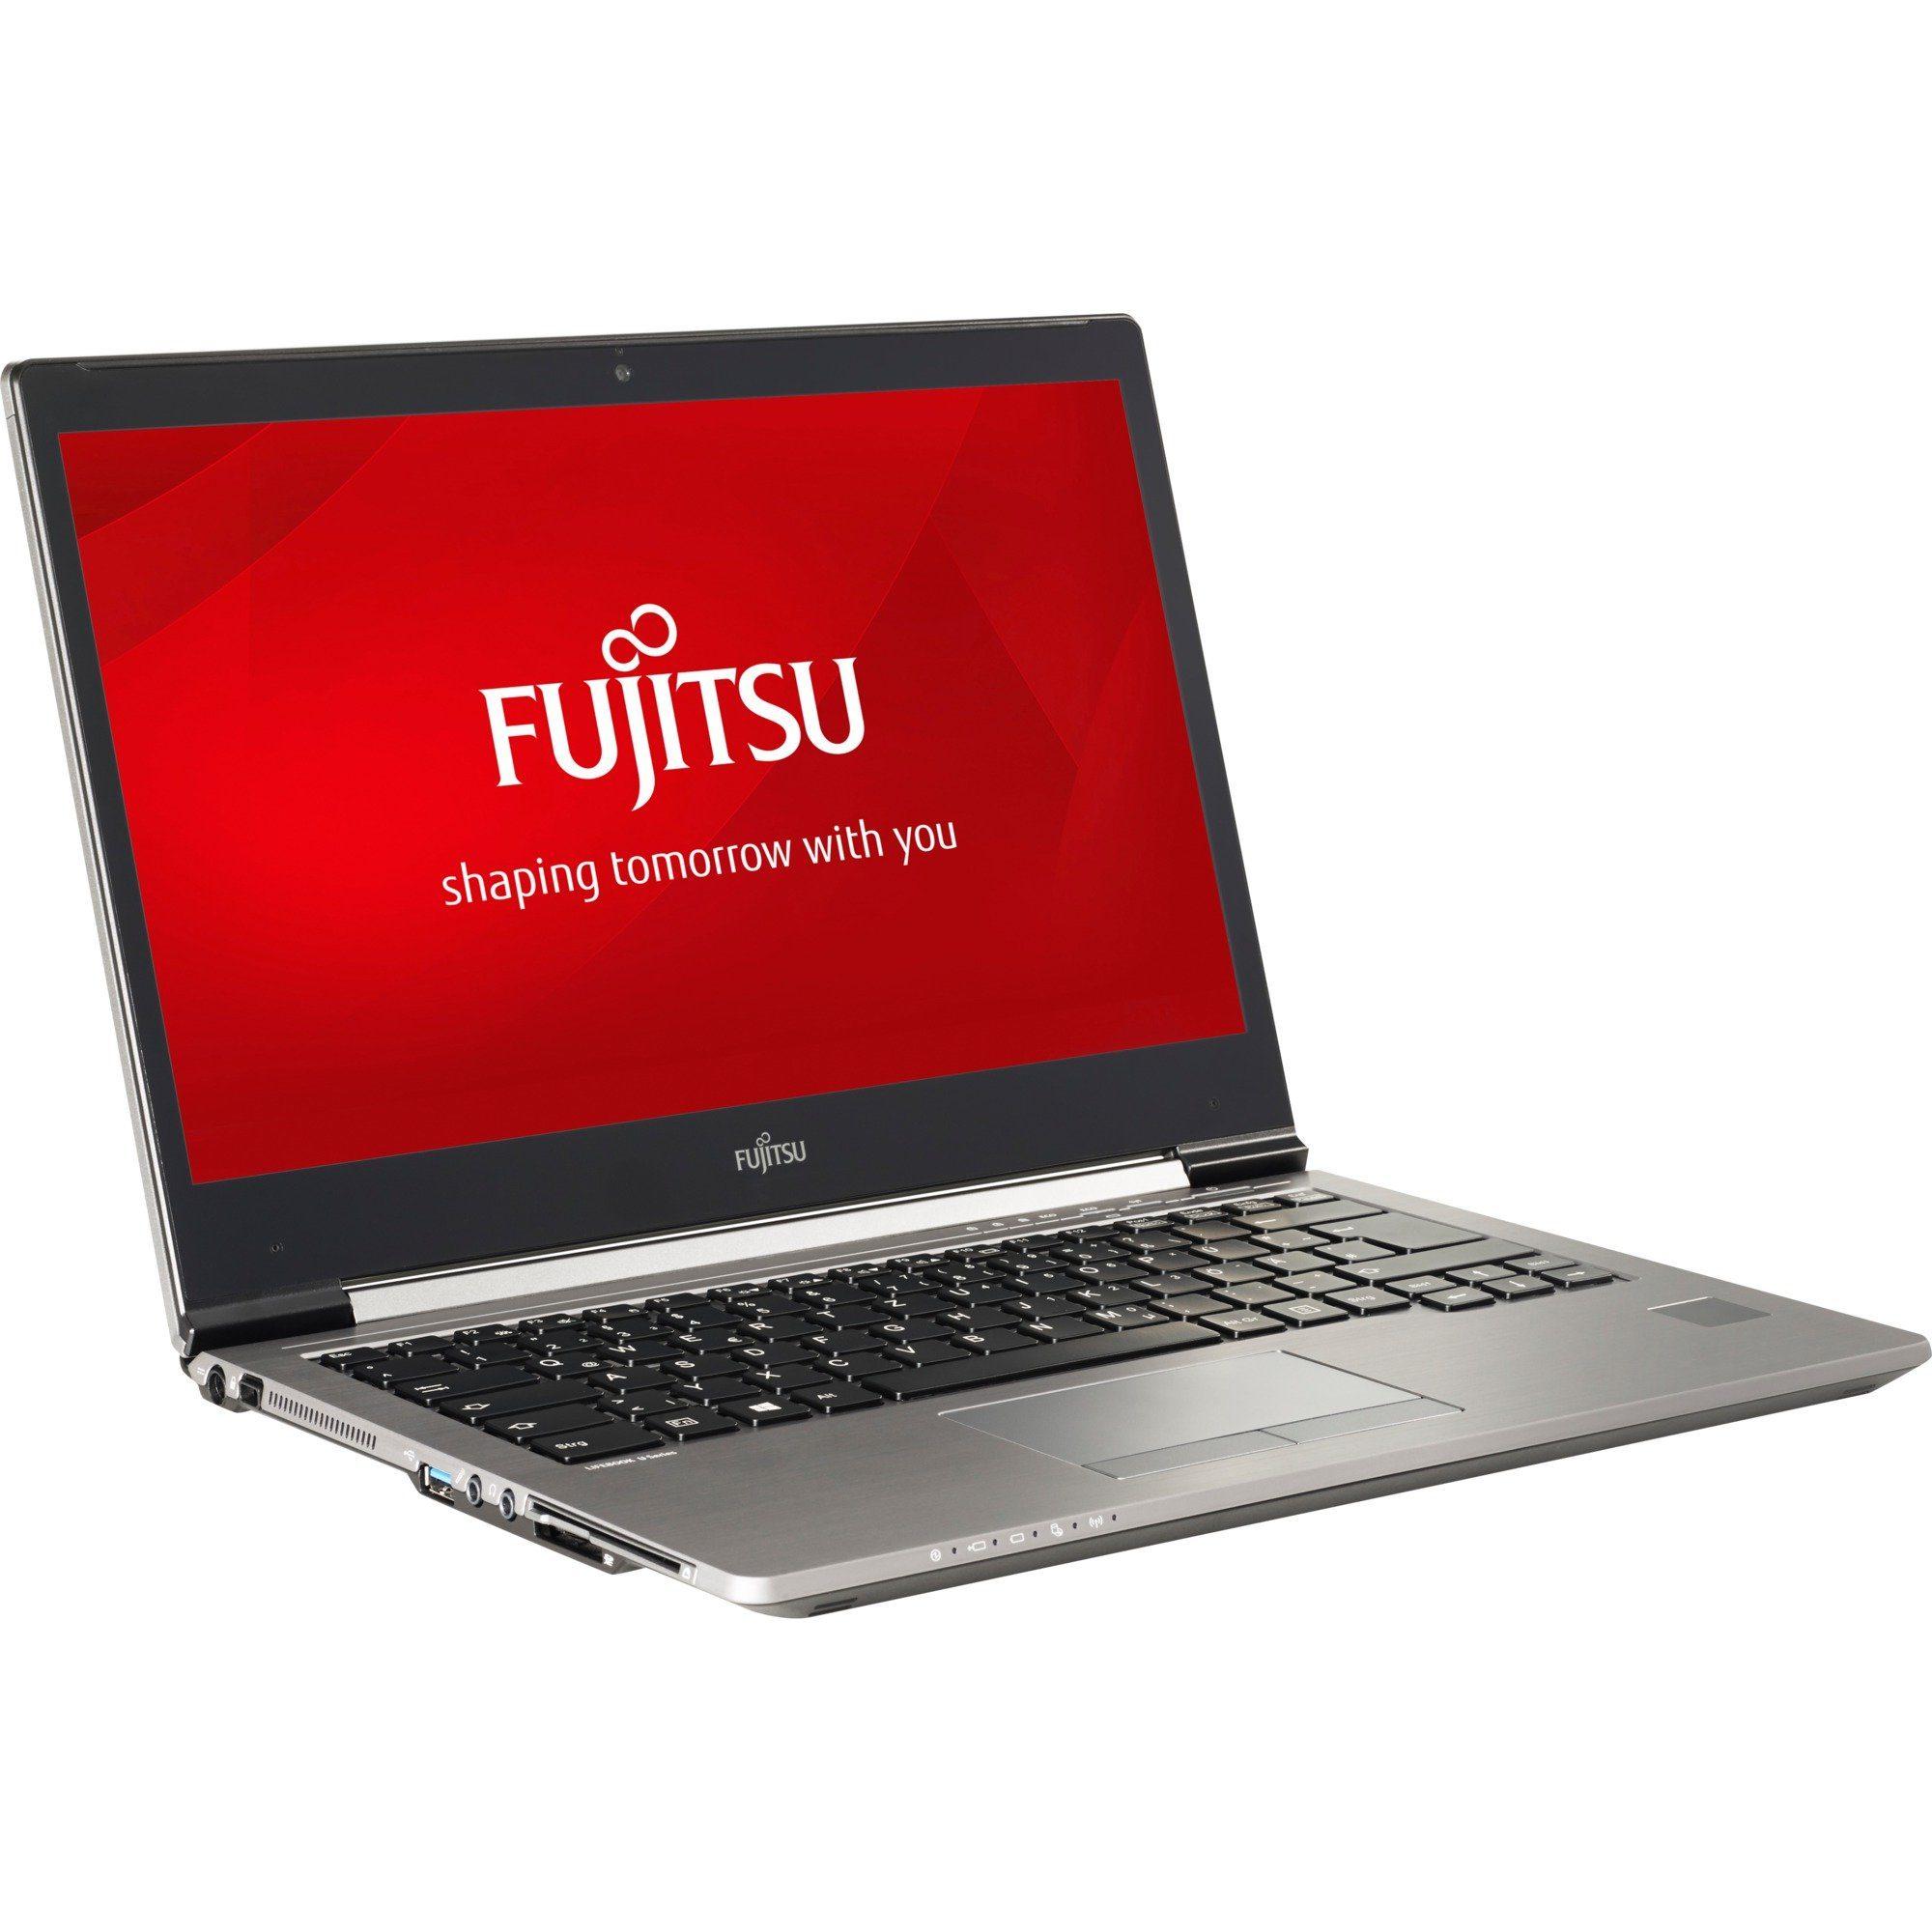 Fujitsu Notebook »LIFEBOOK U745 VFY:U7450M75ABDE«